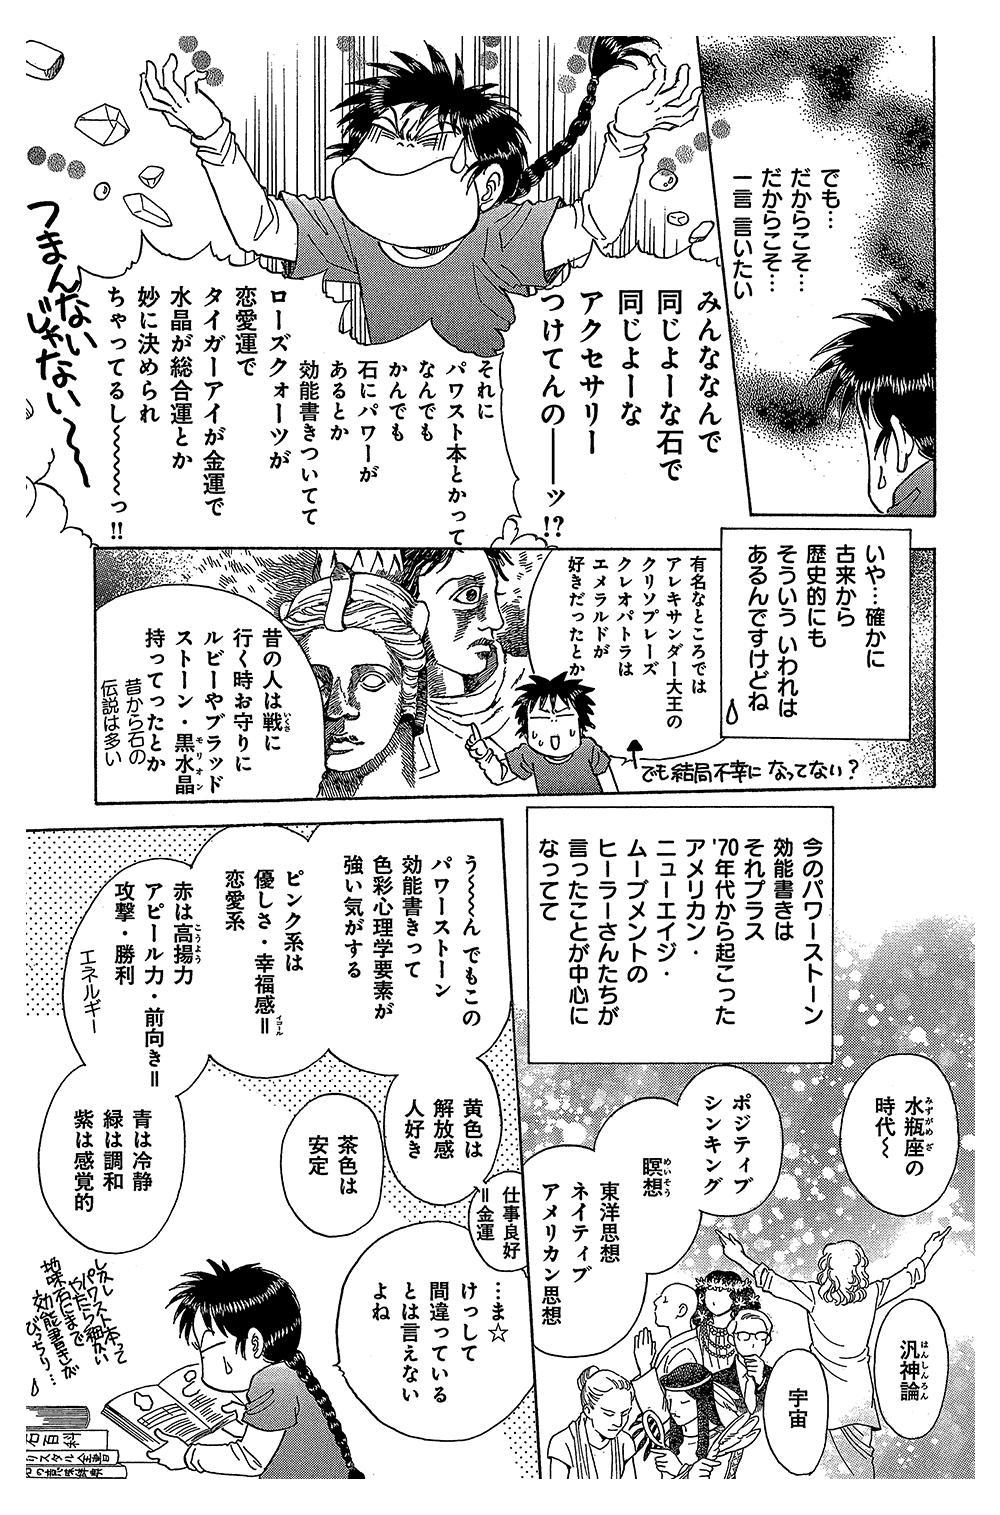 オカルト万華鏡 第1話 ①oka05.jpg